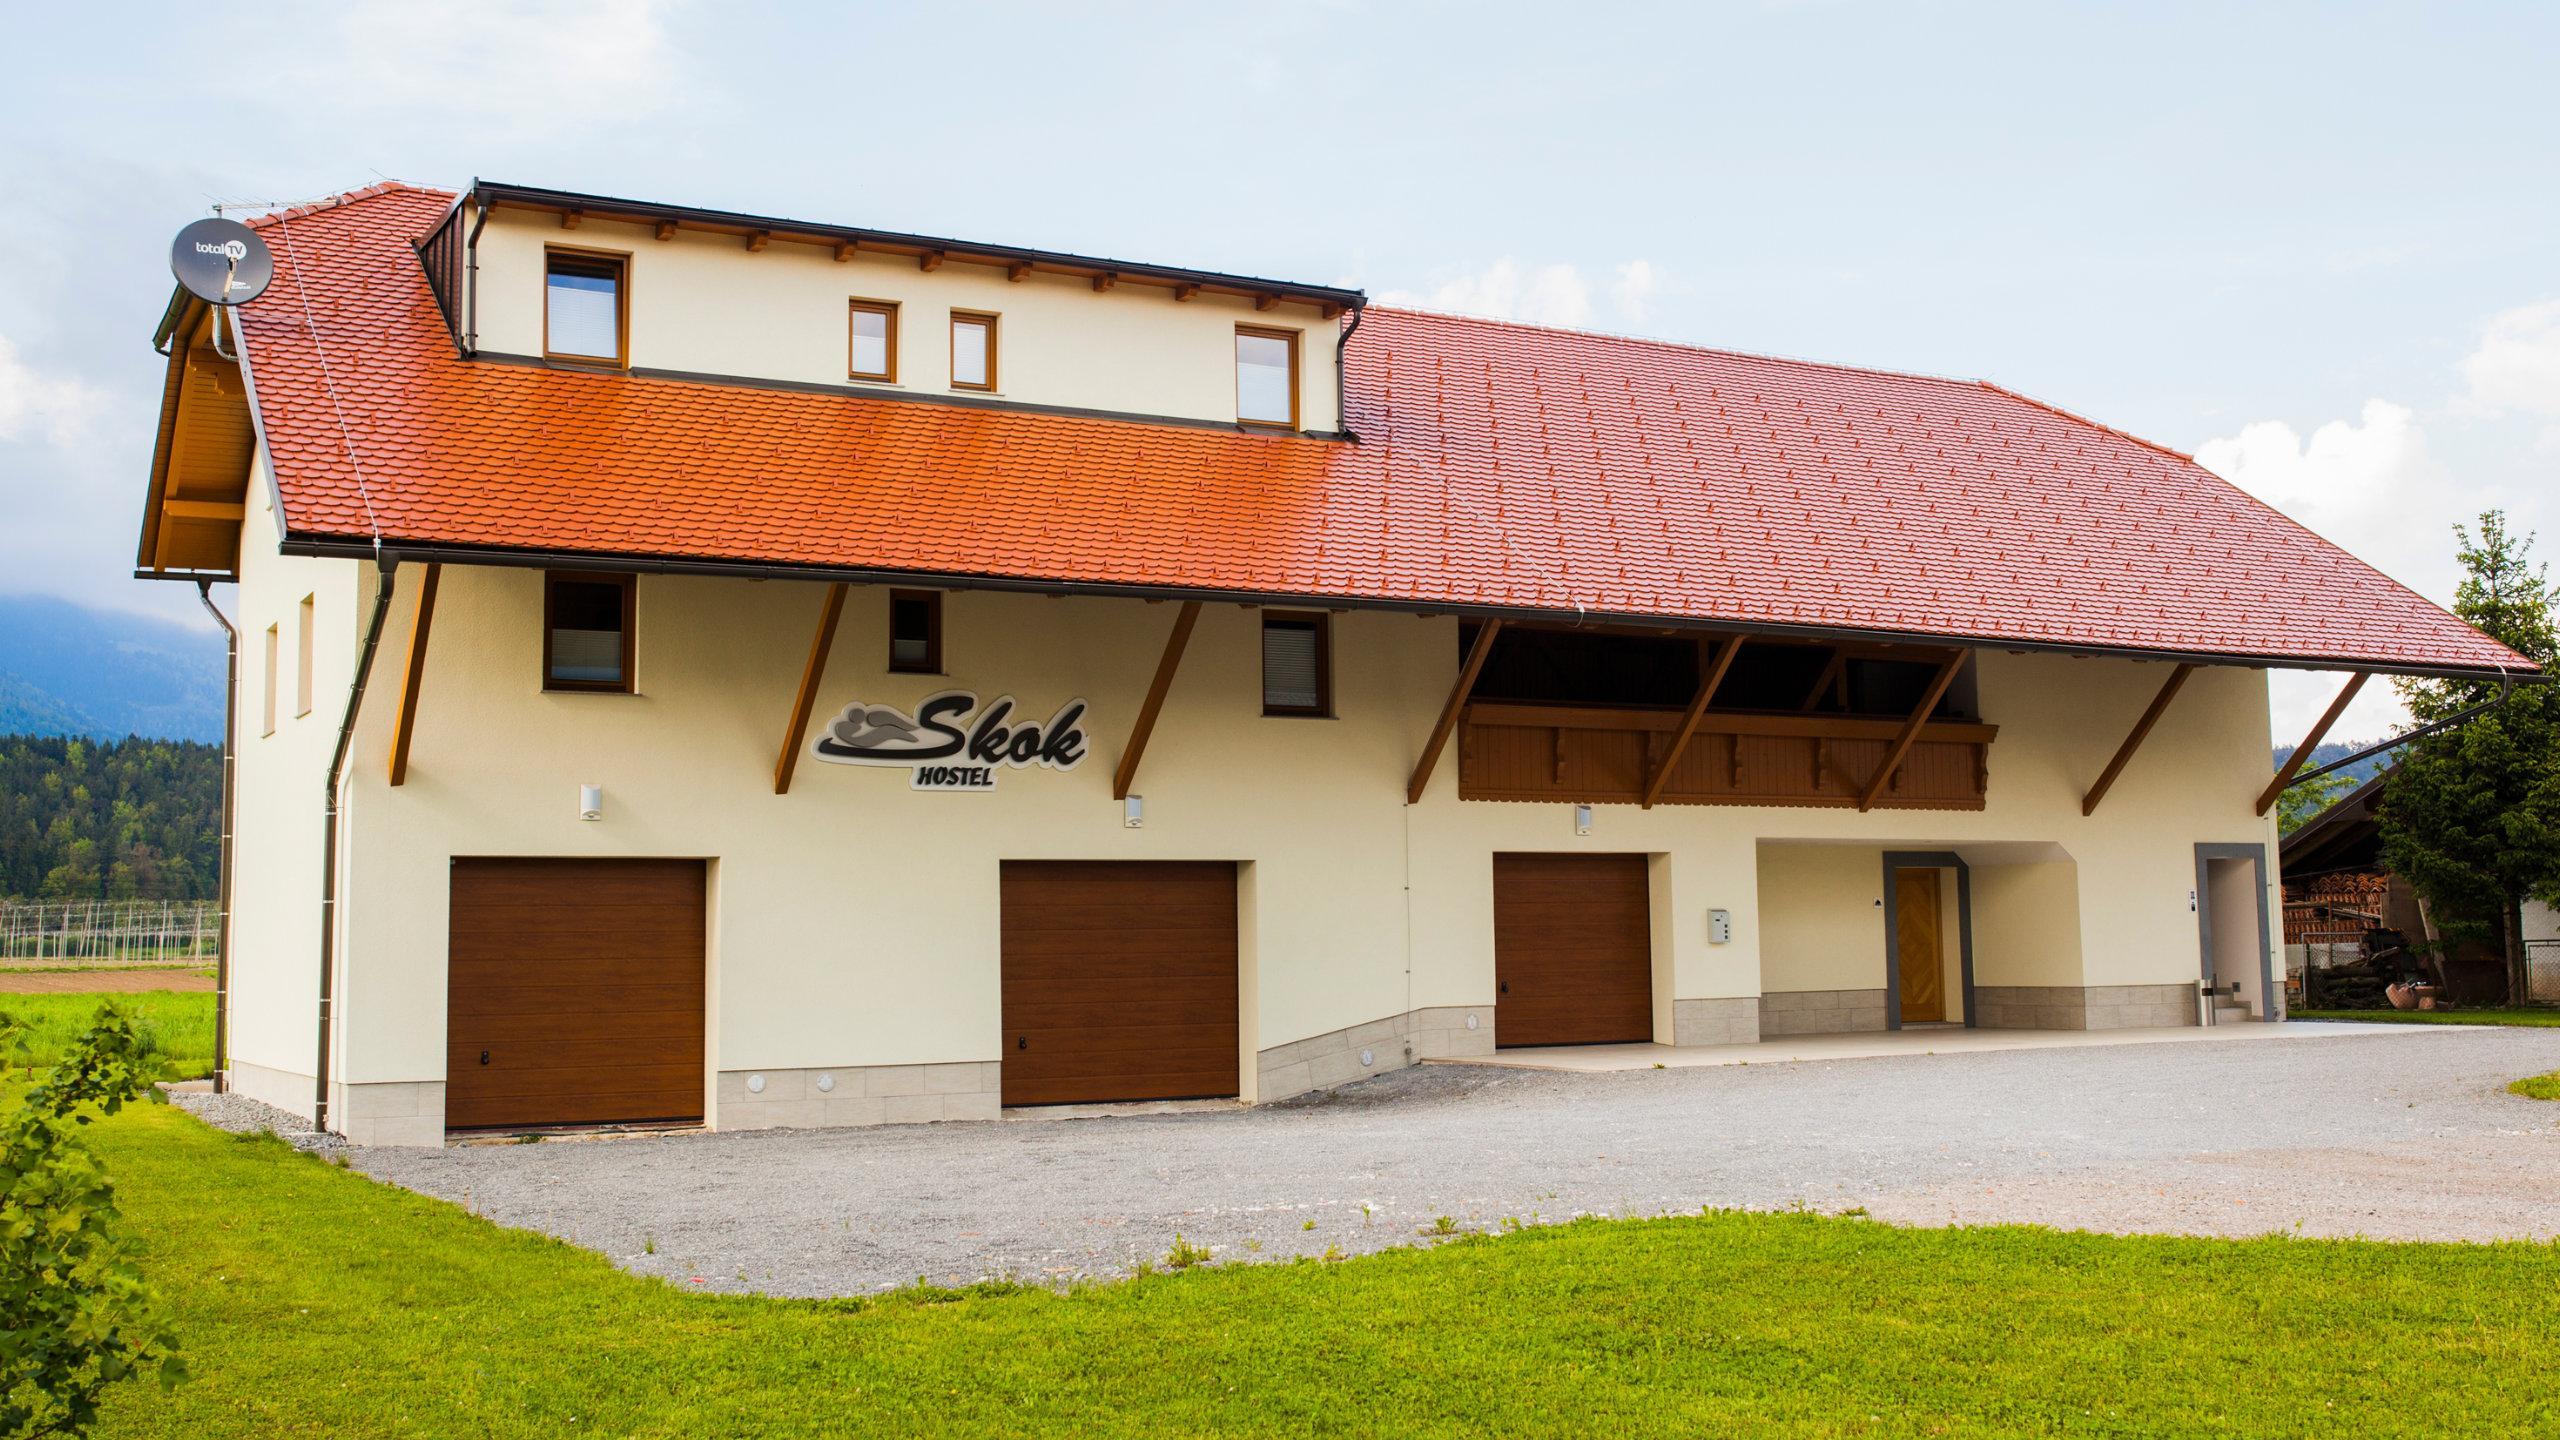 Hotel_Skok_01